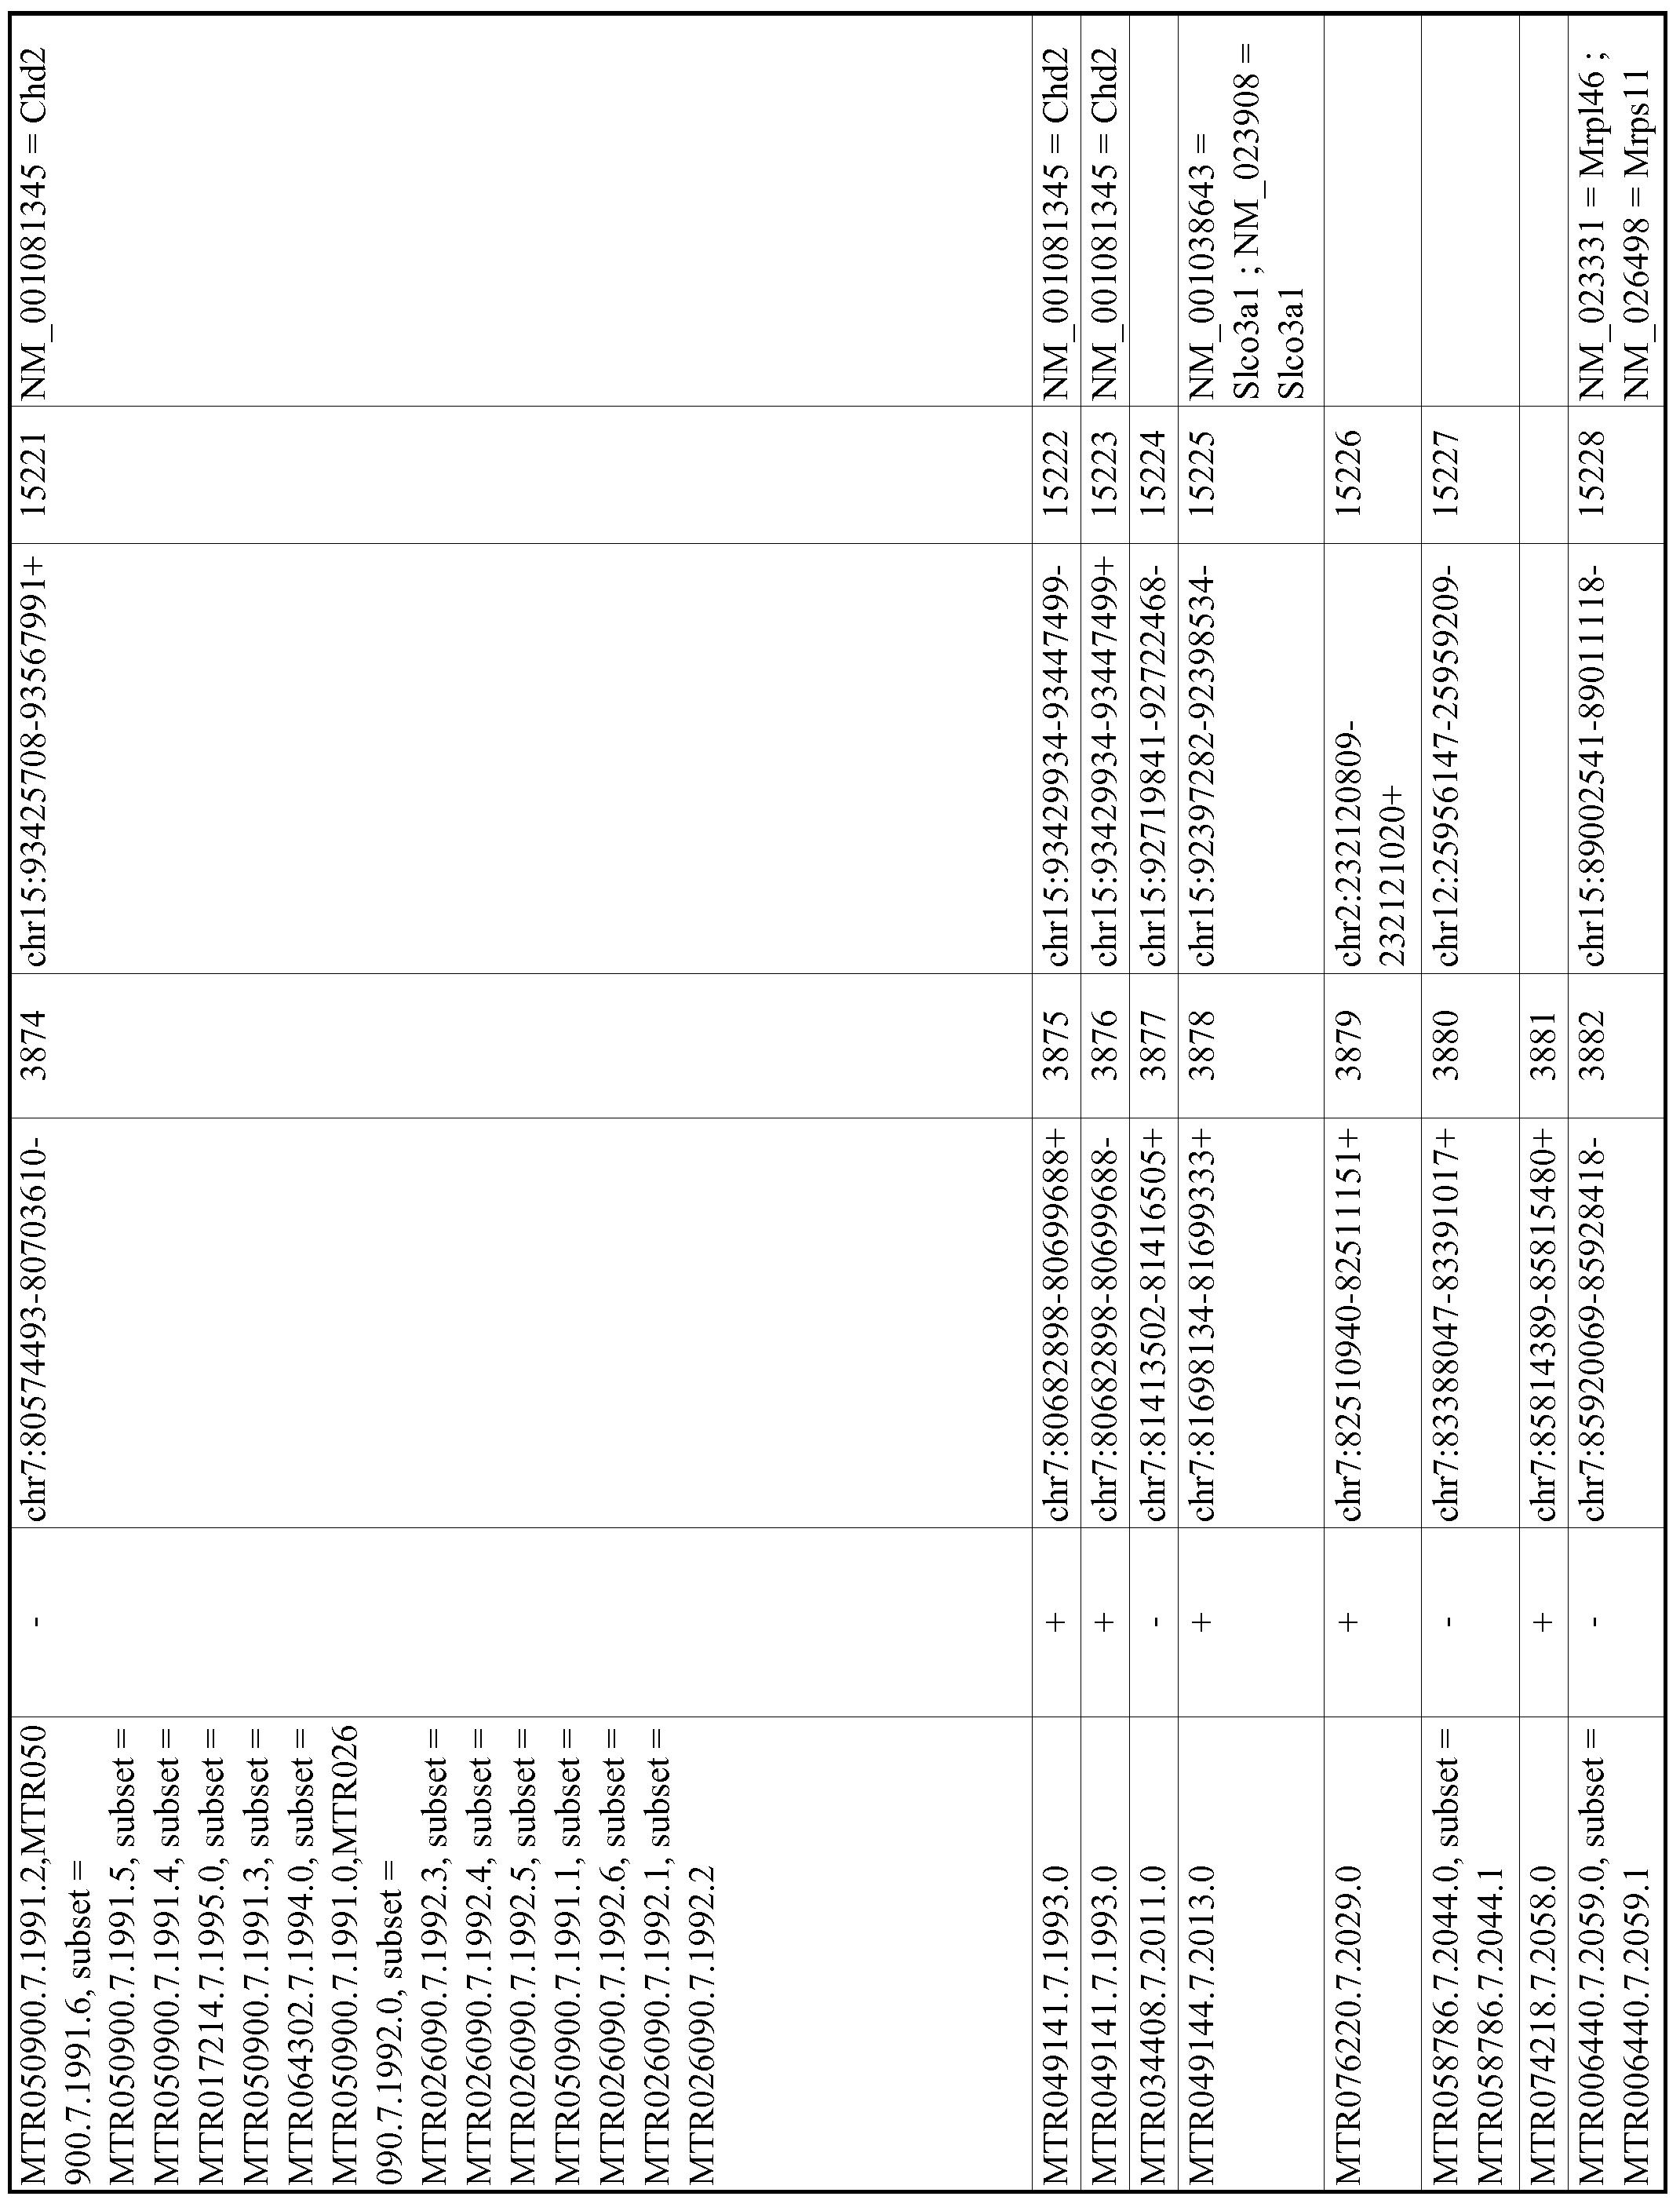 Figure imgf000742_0001